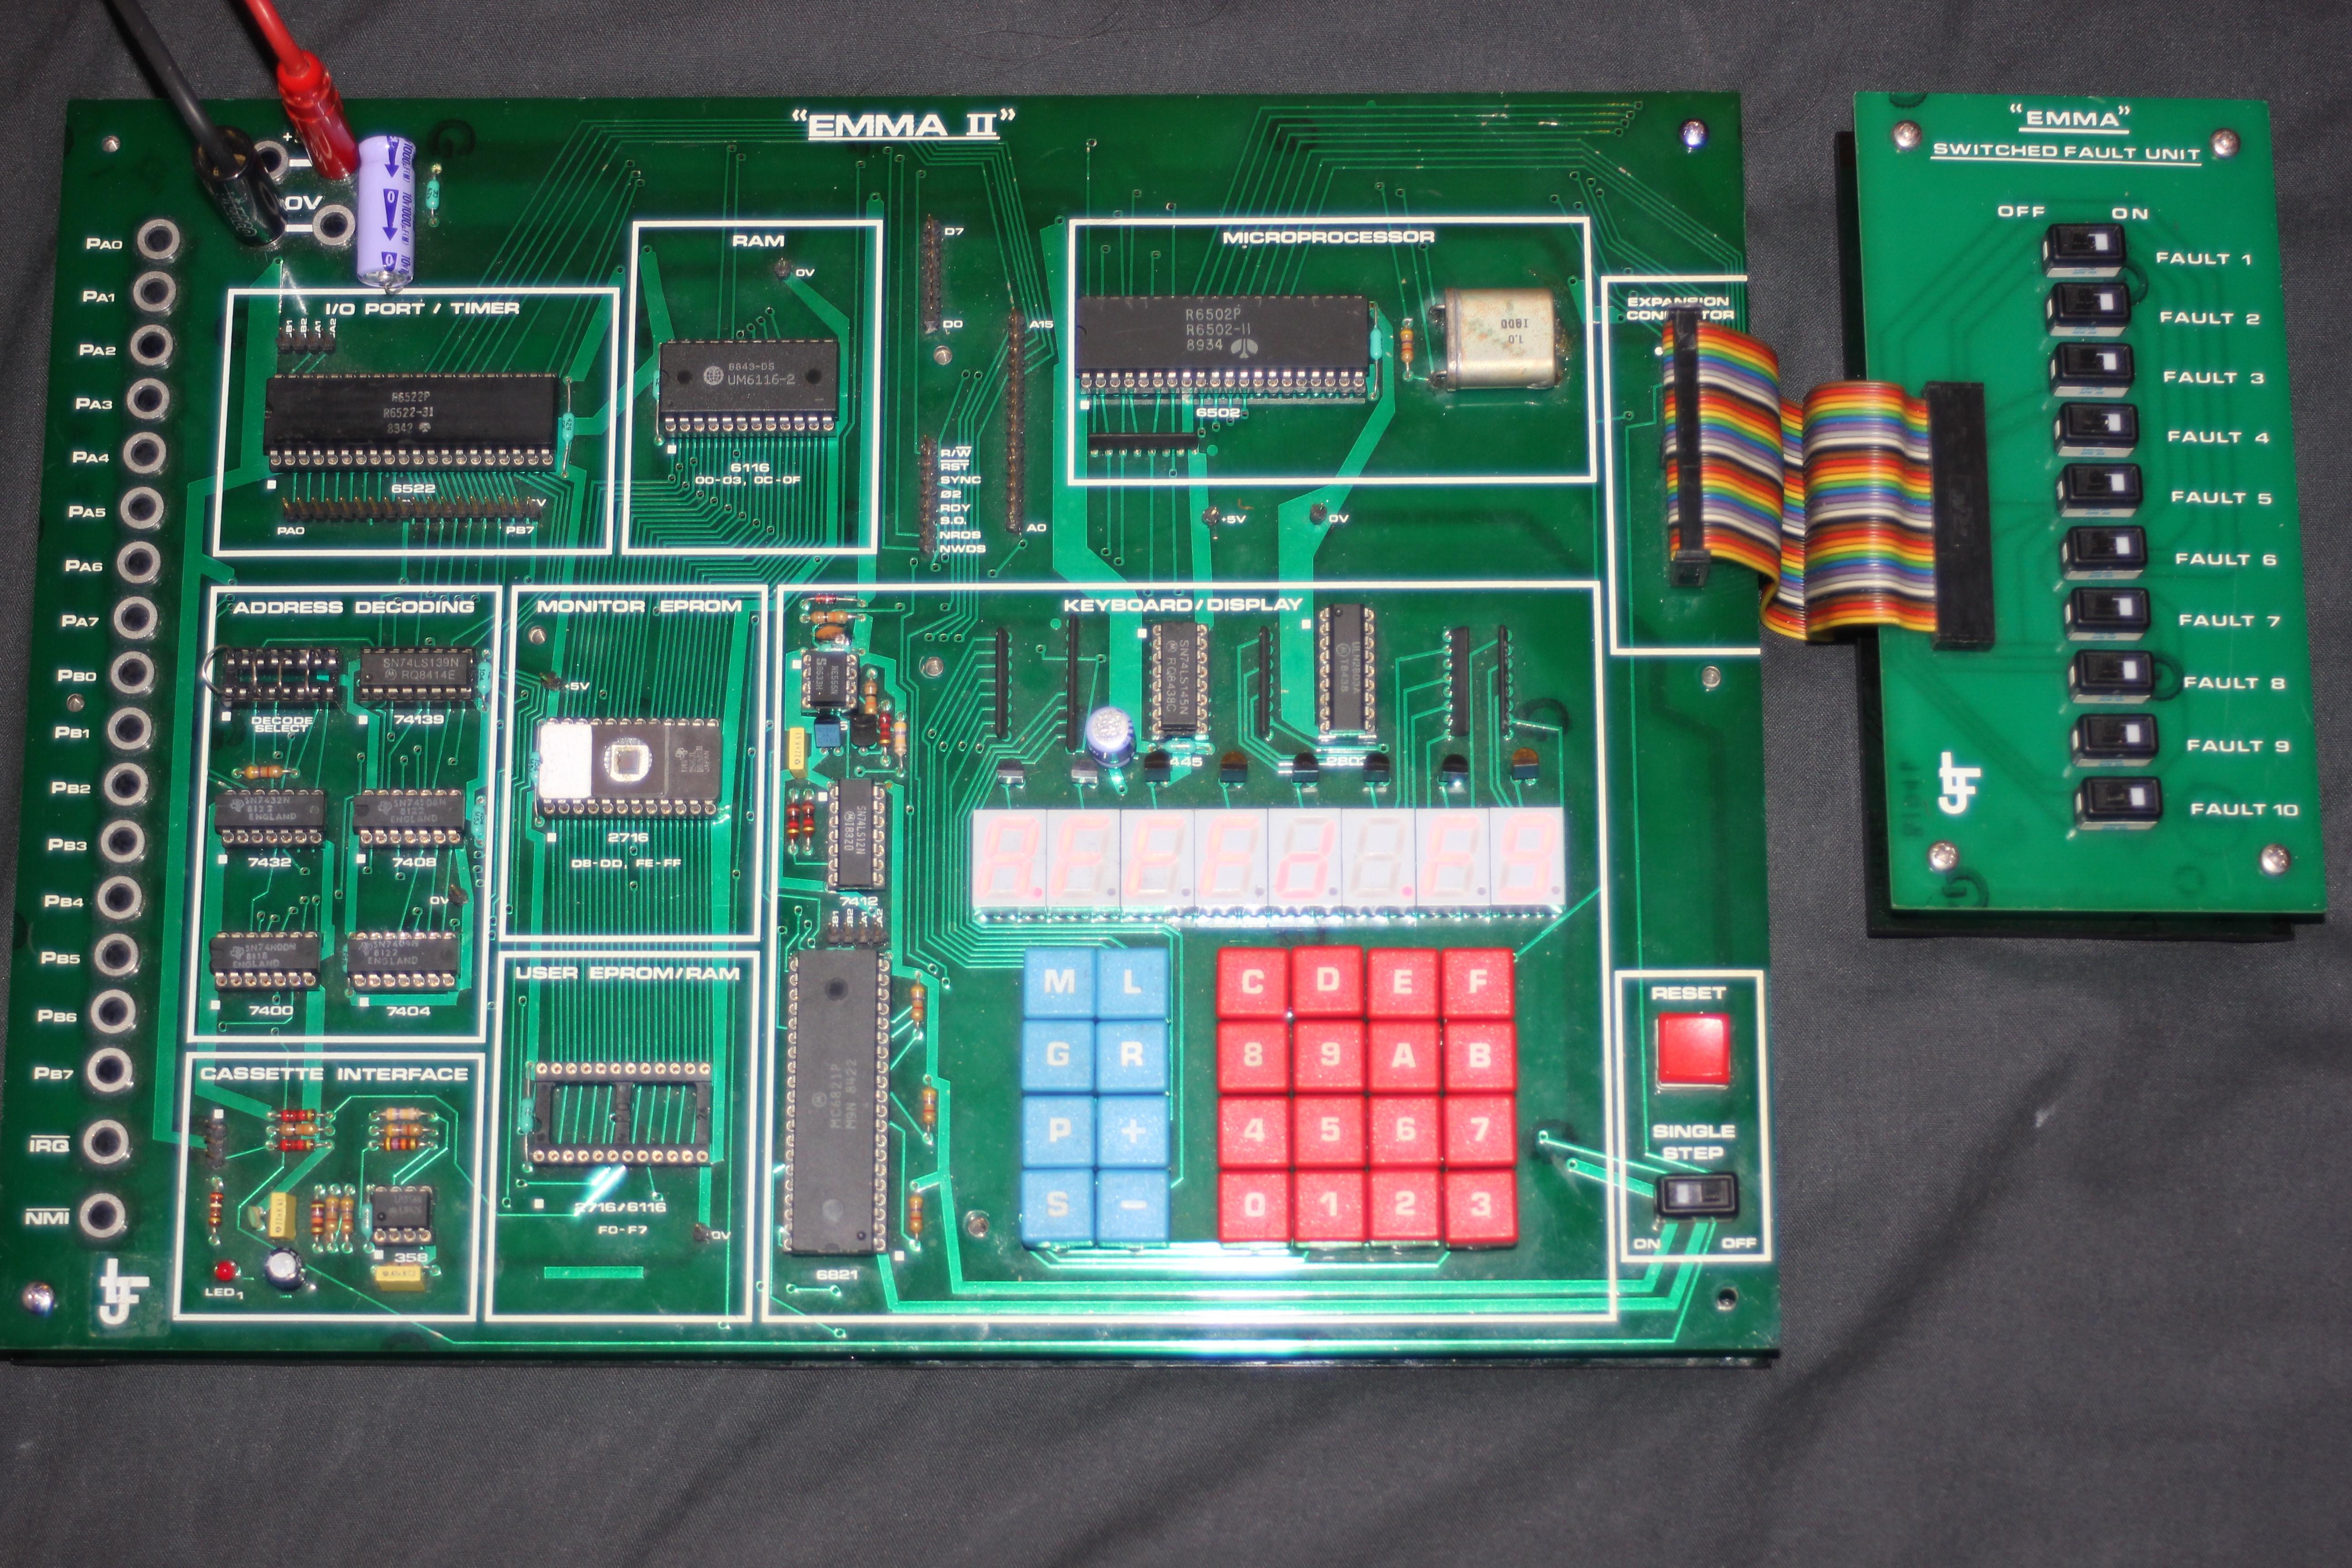 EMMA II 6502 Development Board